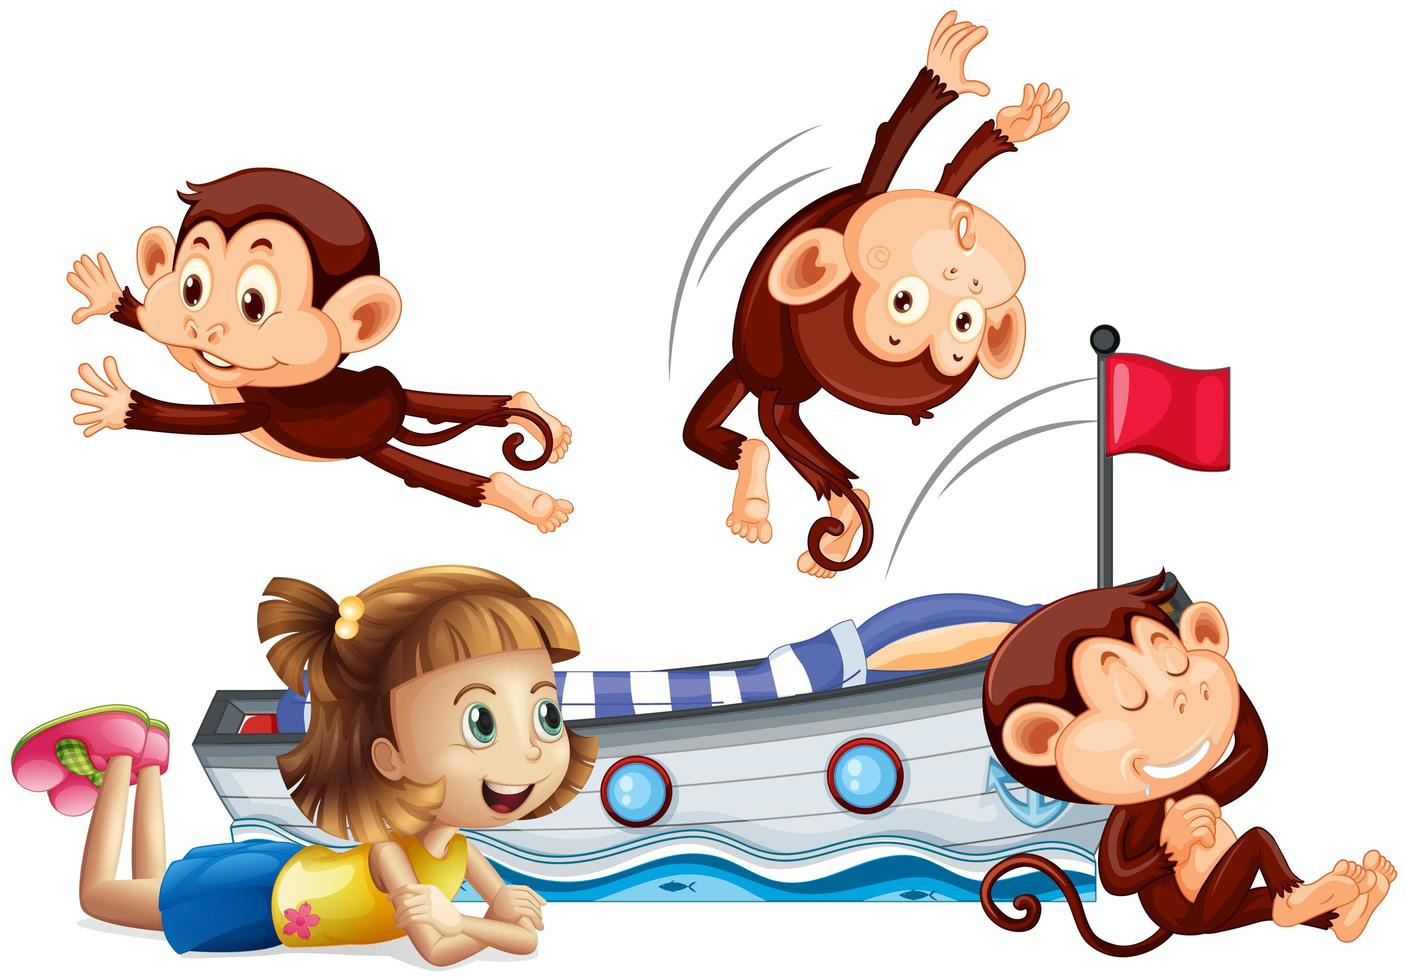 ragazza e scimmie felici di salto vettore